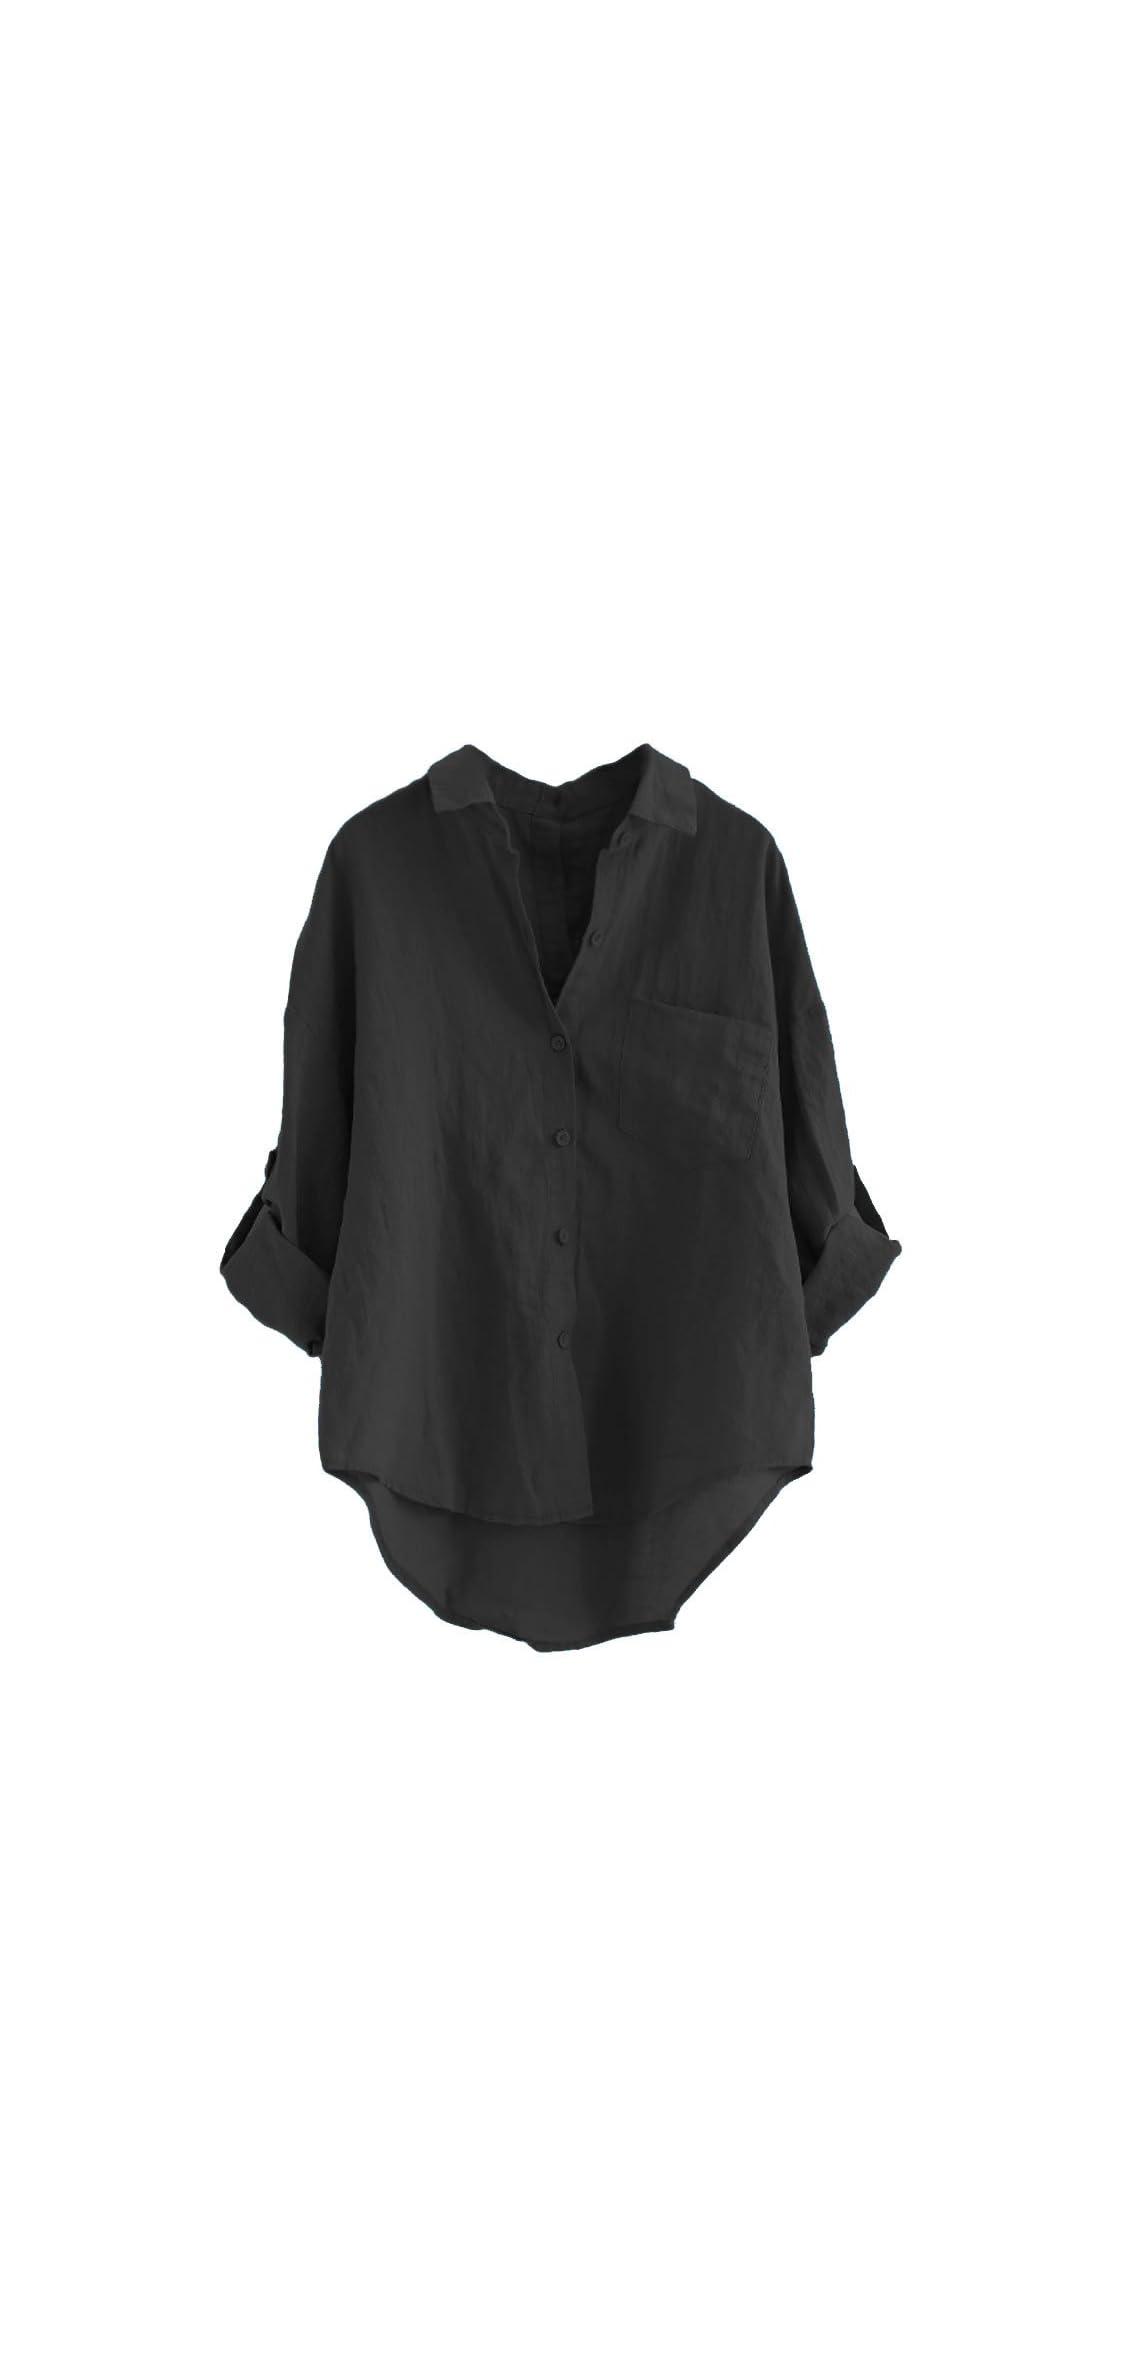 Women's Linen Blouse High Low Shirt Roll-up Sleeve Tops